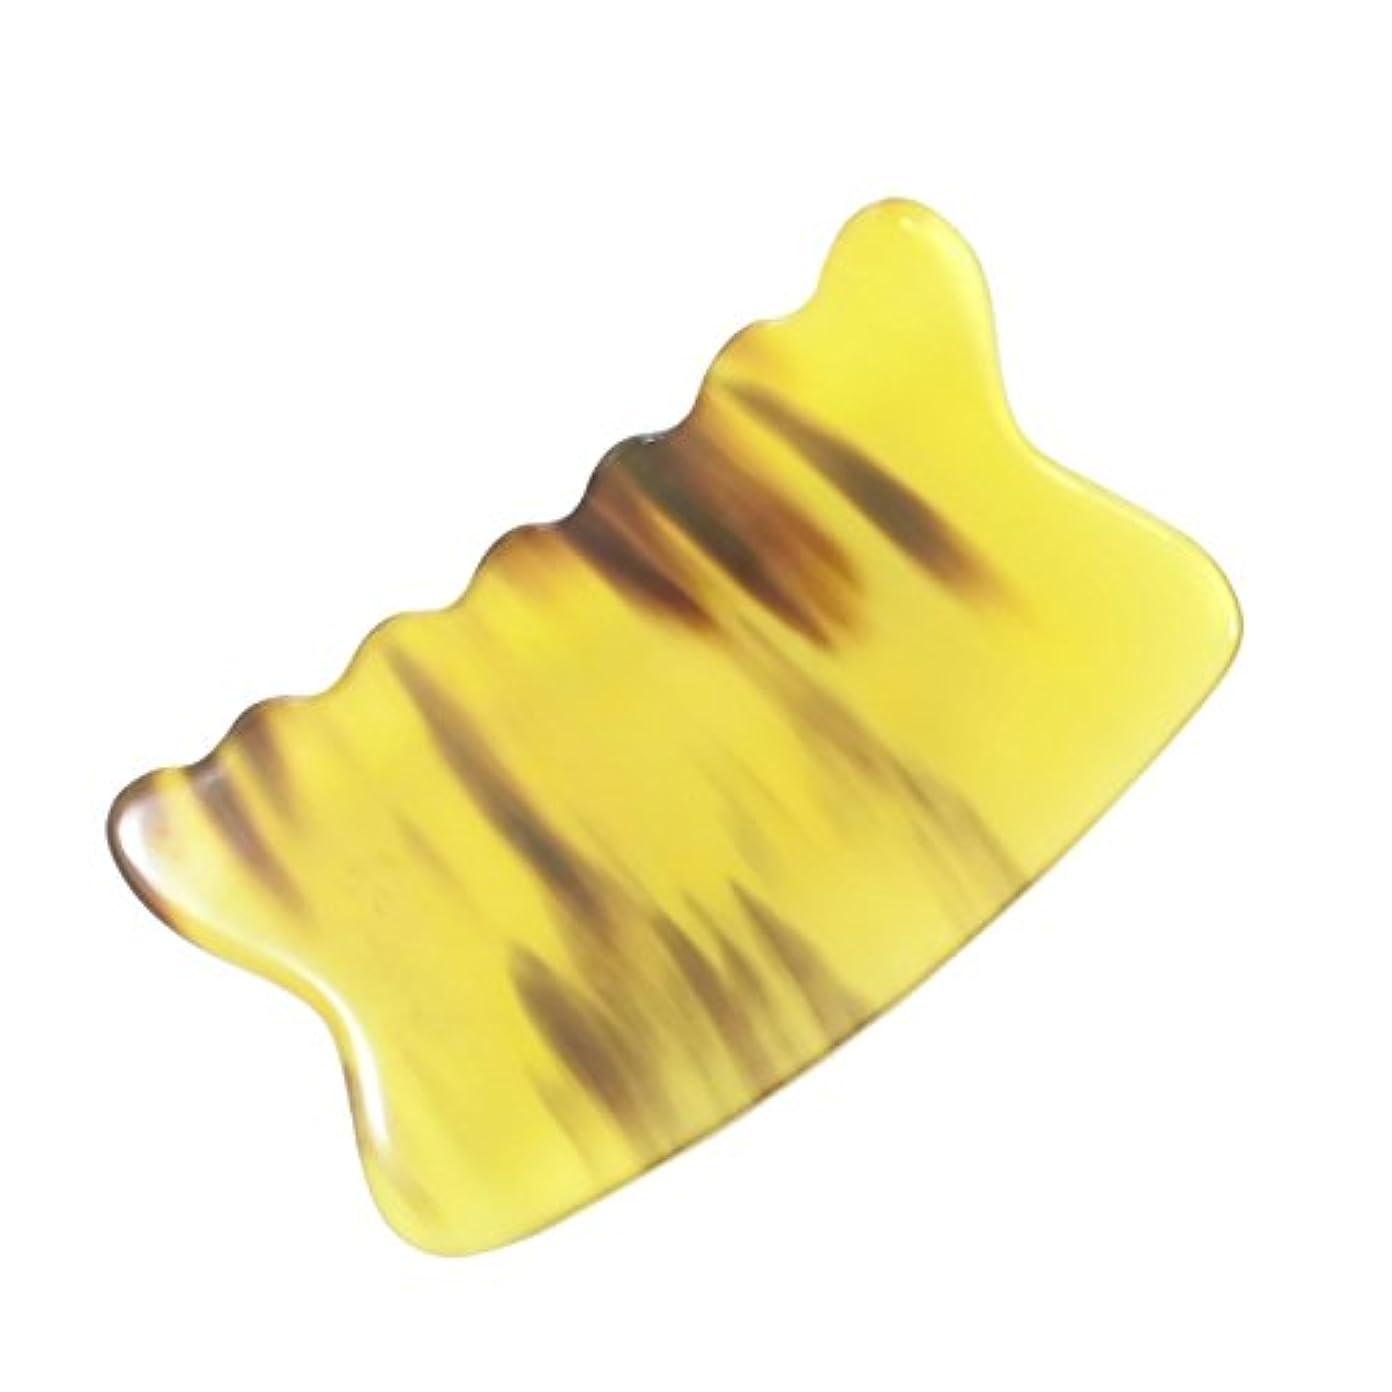 不規則なヘアコーラスかっさ プレート 希少59 黄水牛角 極美品 曲波型